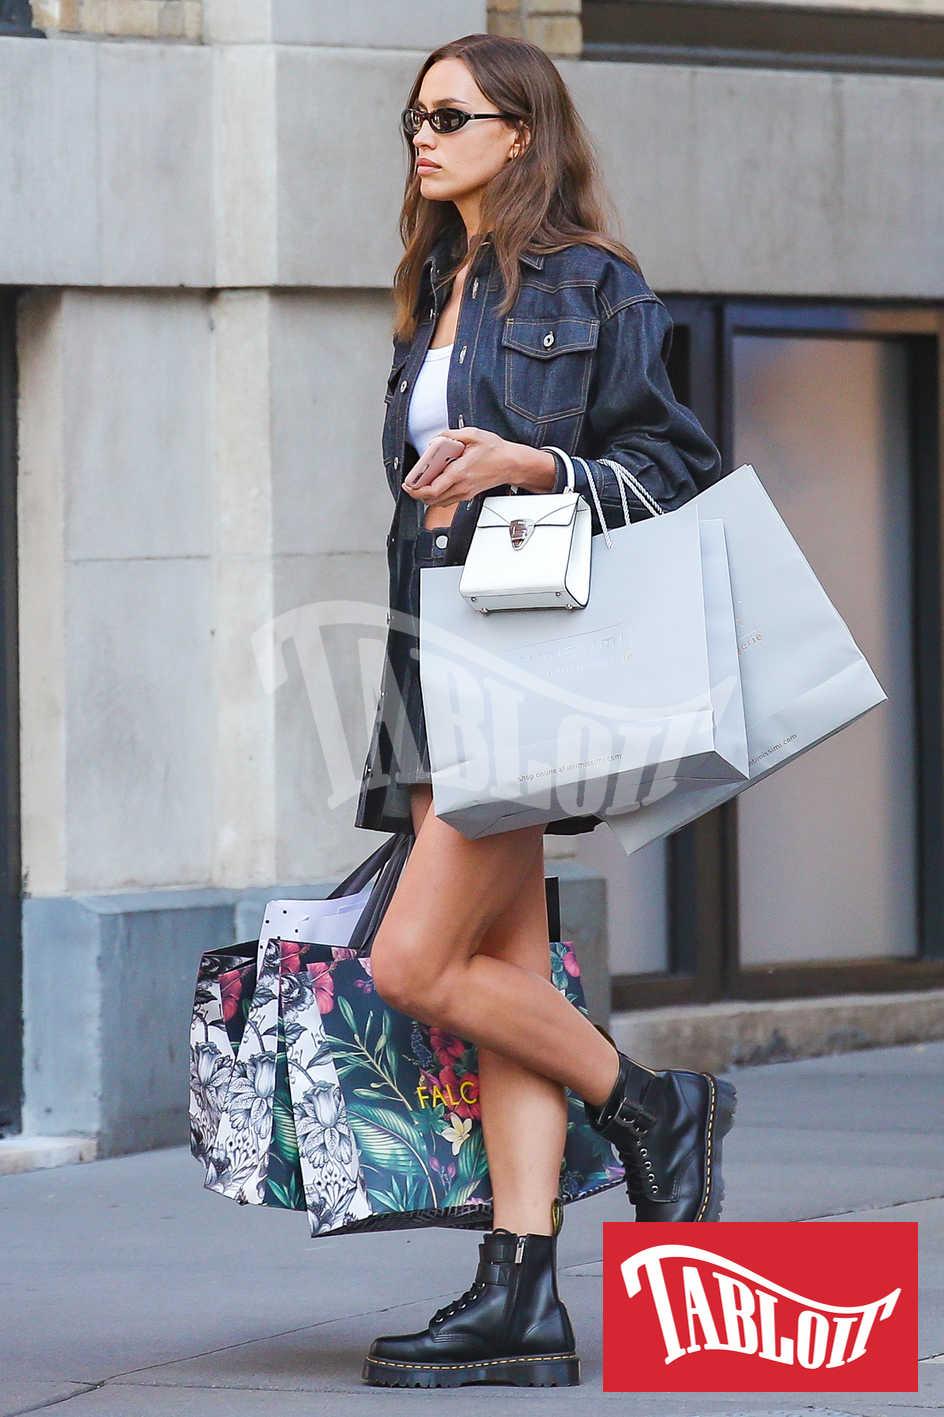 Irina Shayk a passeggio per le vie di New York